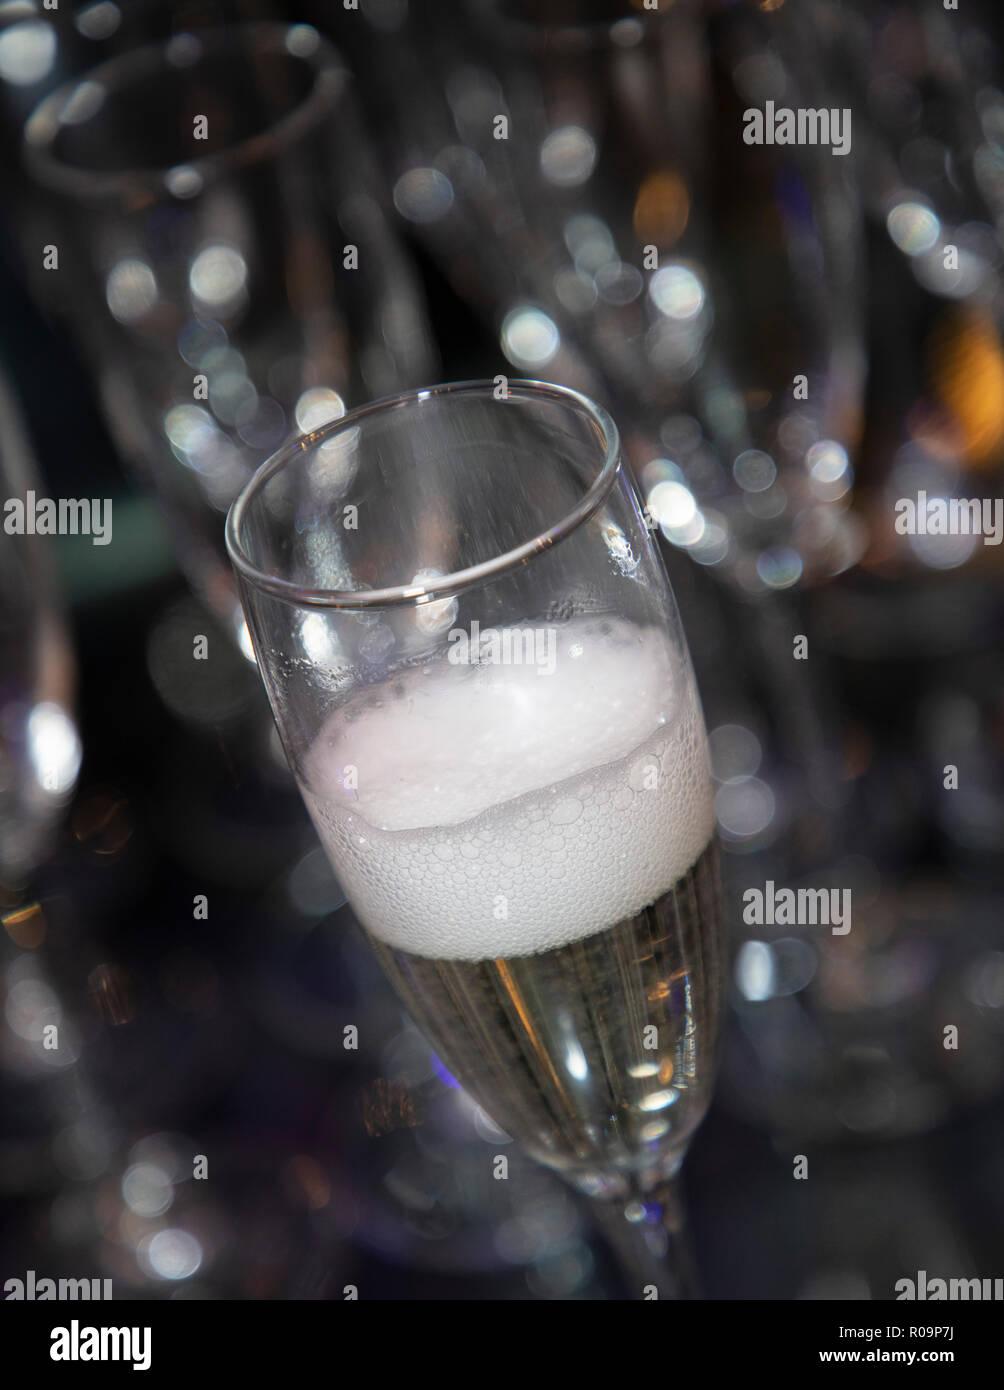 Copa de vino espumoso sólo derramado con un burbujeante cabeza. Bokeh de fondo borroso, Imagen De Stock